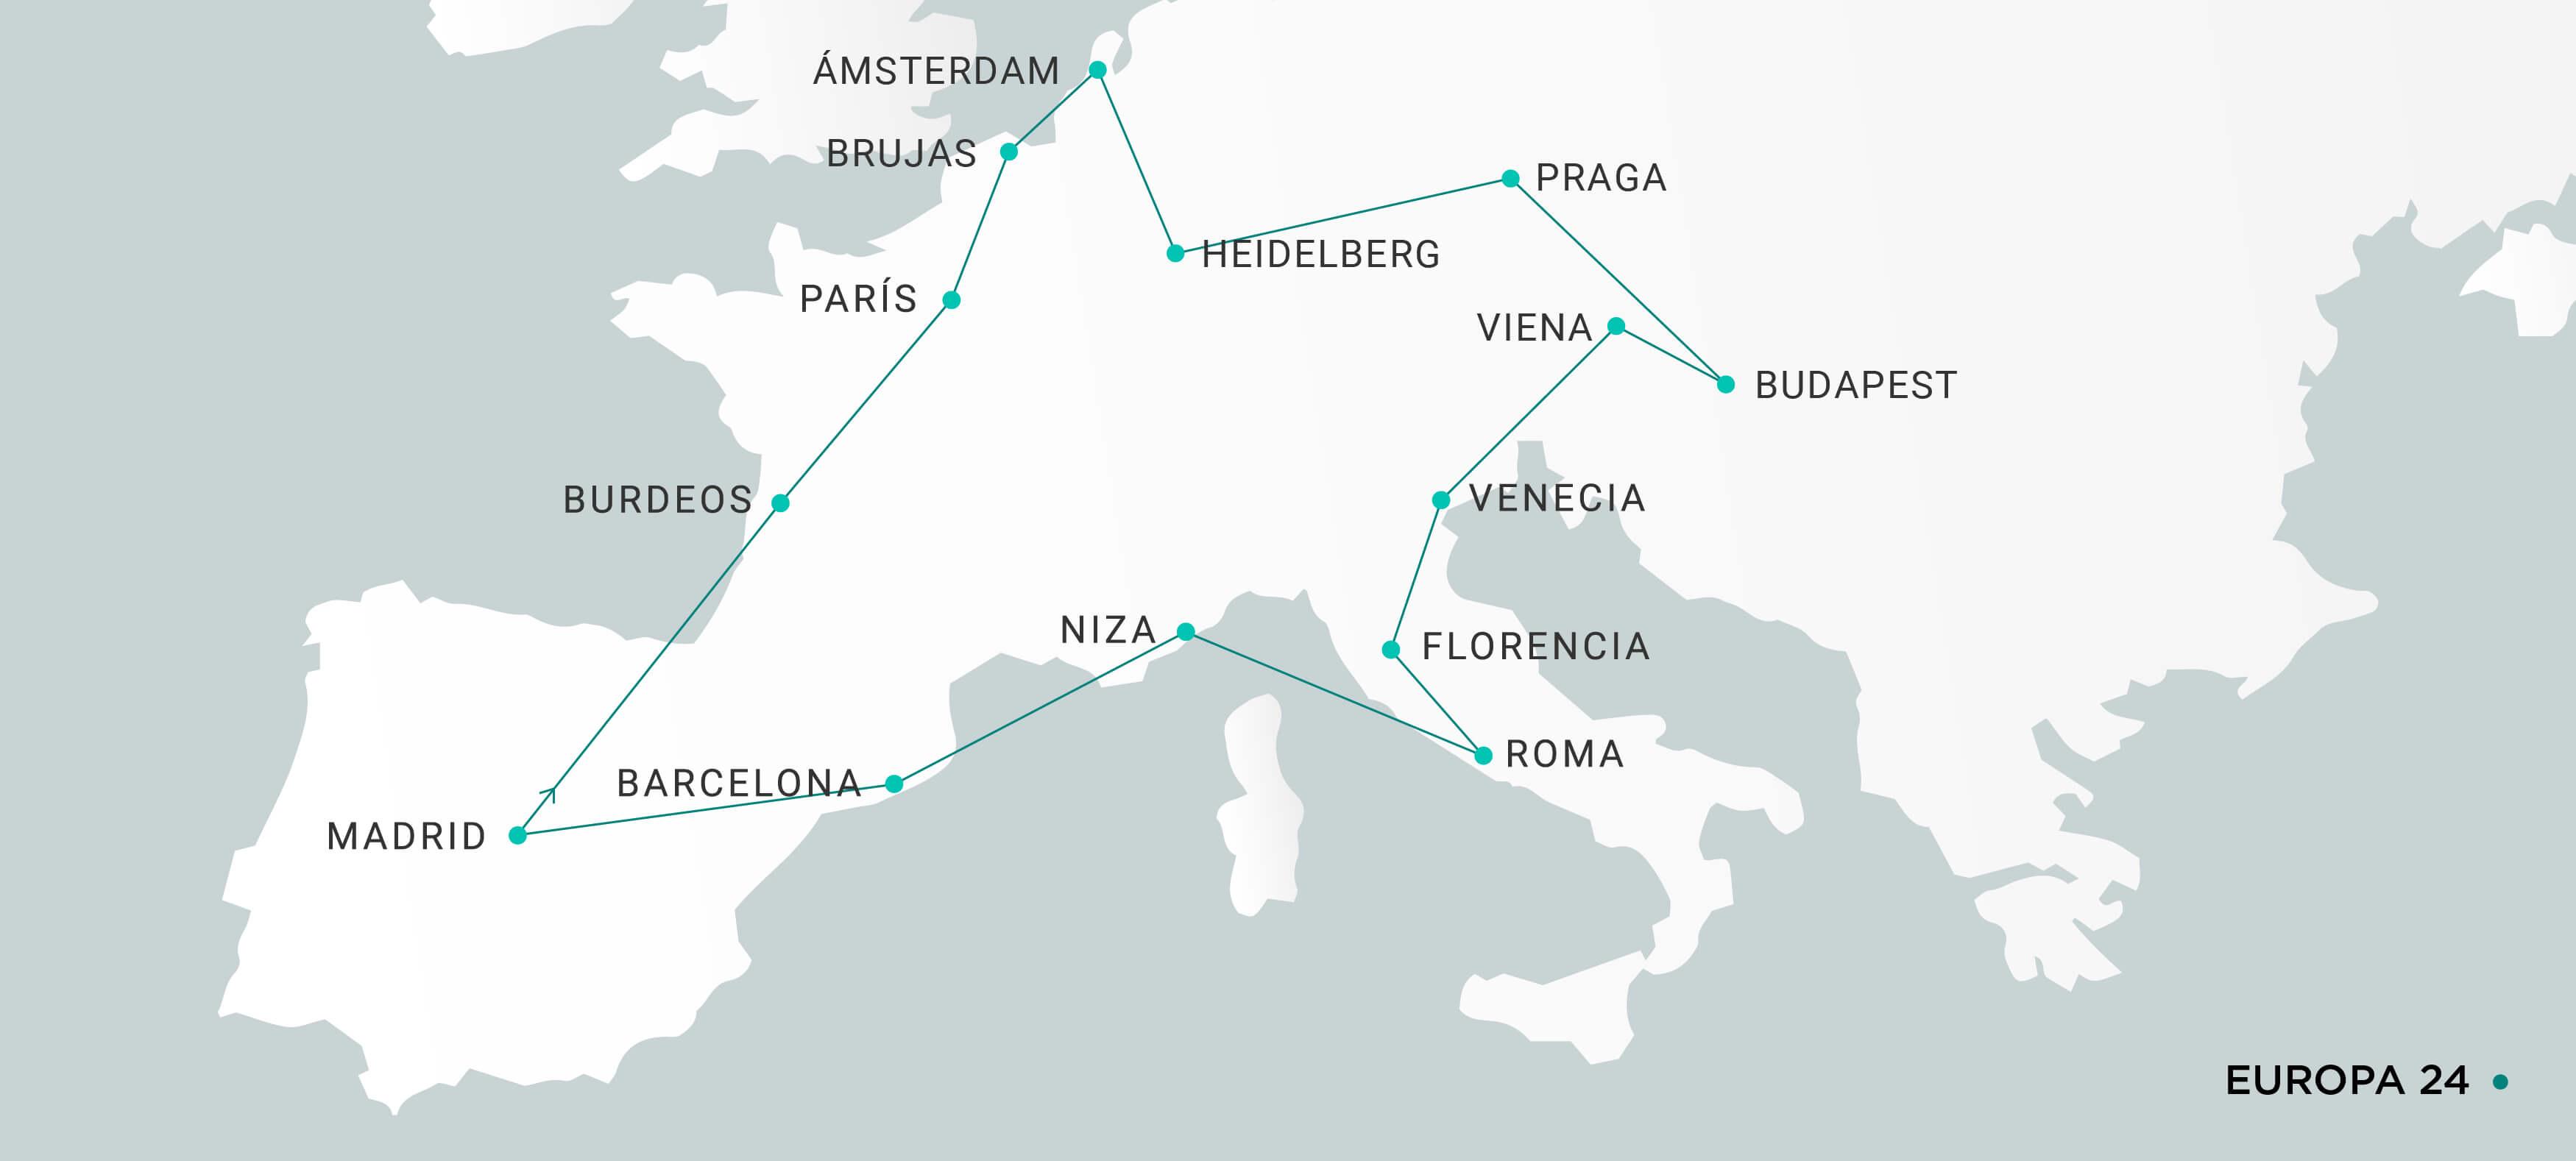 Mapa Europa 24